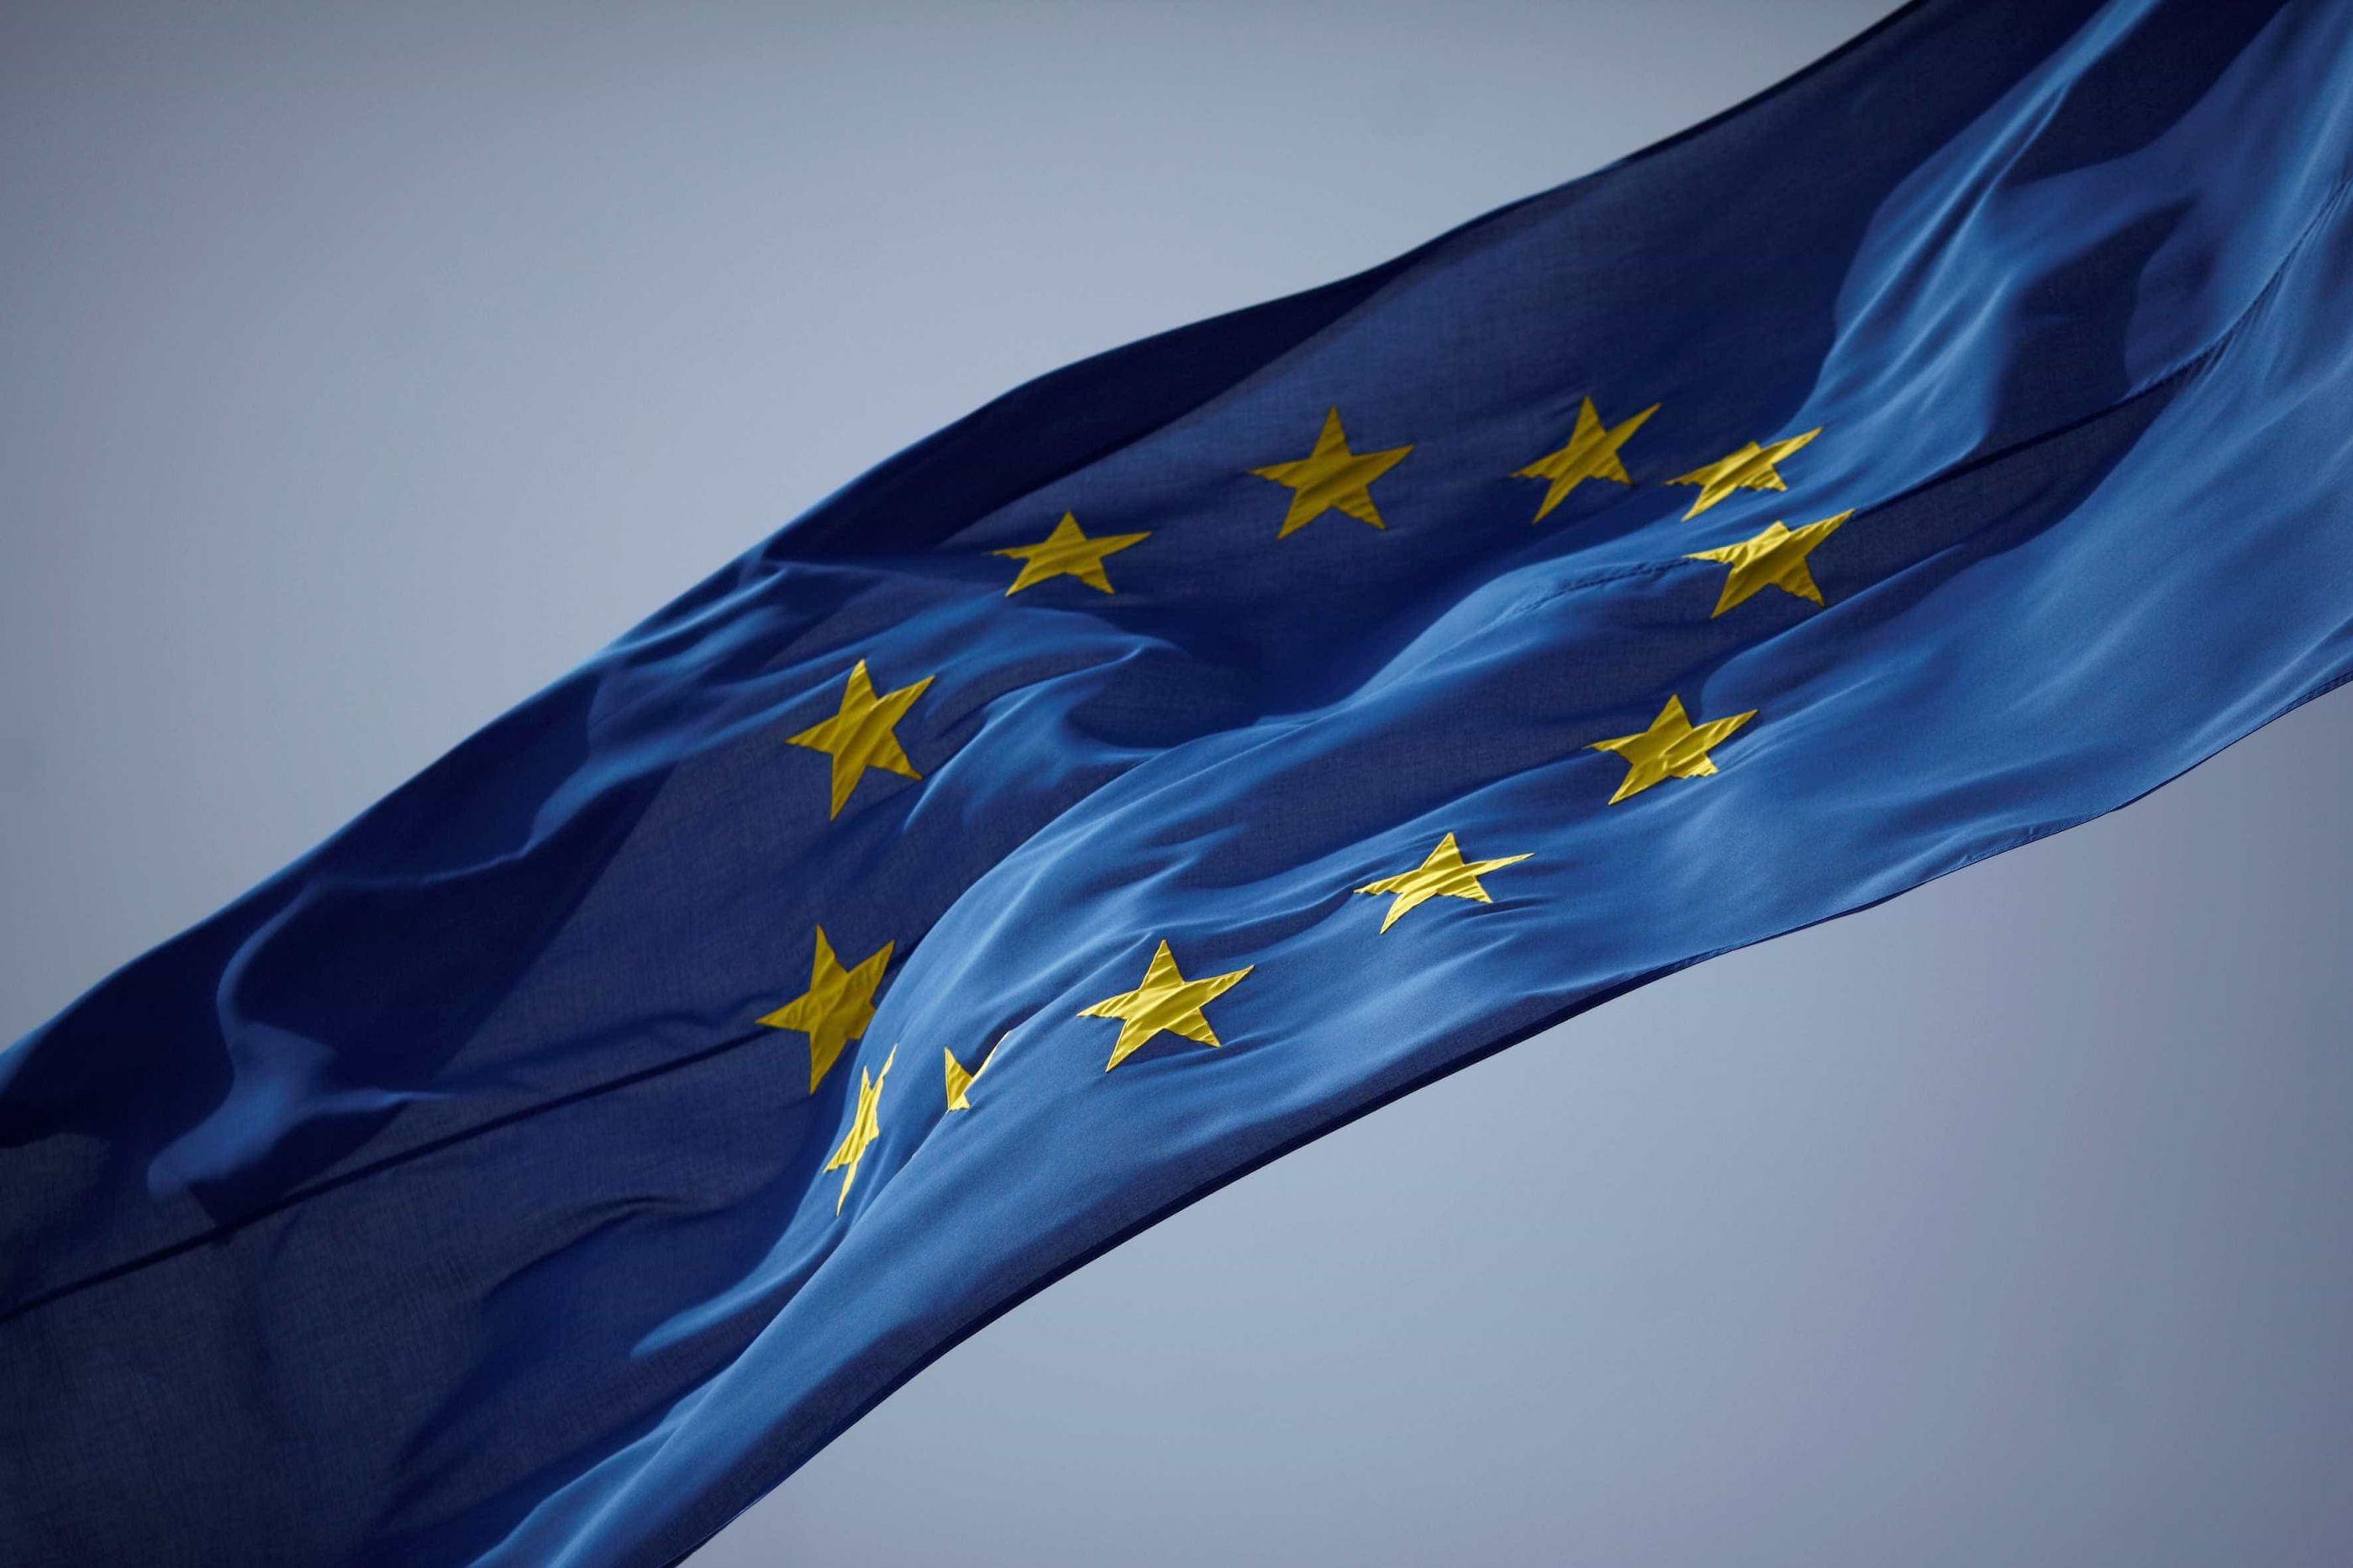 Espanha encabeça lista de mortos por terrorismo na União Europeia